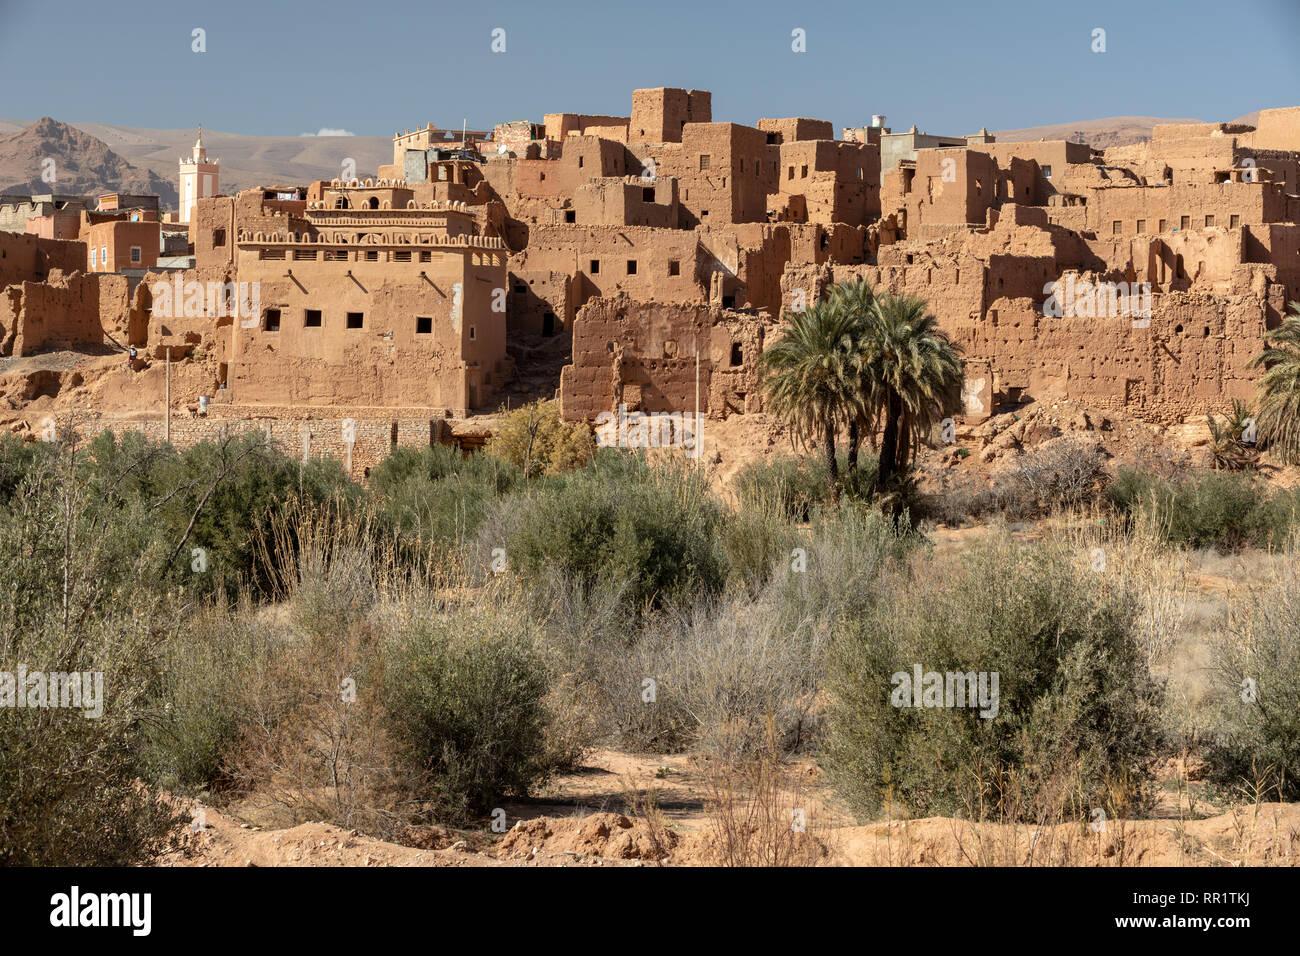 Adobe Mattone cittadina e la Kasbah di Tinghir, Marocco Immagini Stock